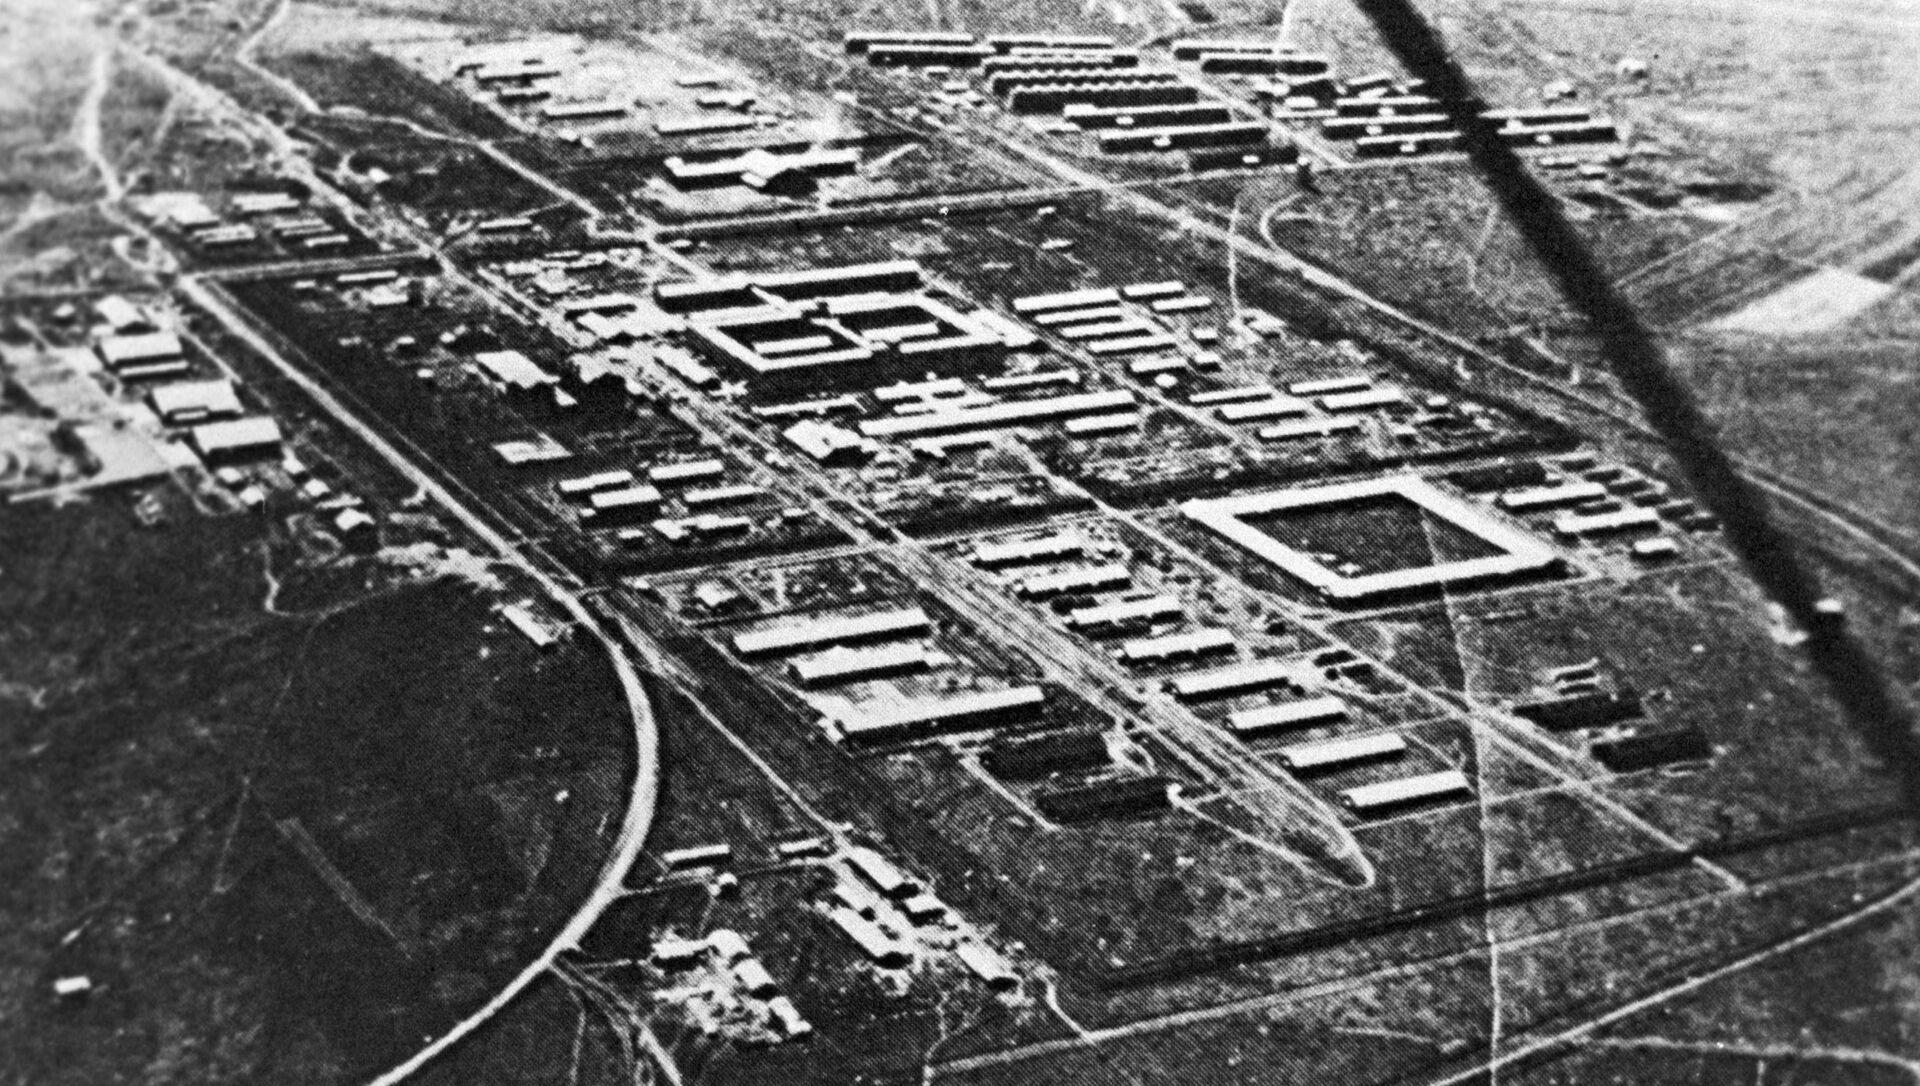 Le site où travaillait l'Unité 731 - Sputnik France, 1920, 02.09.2021